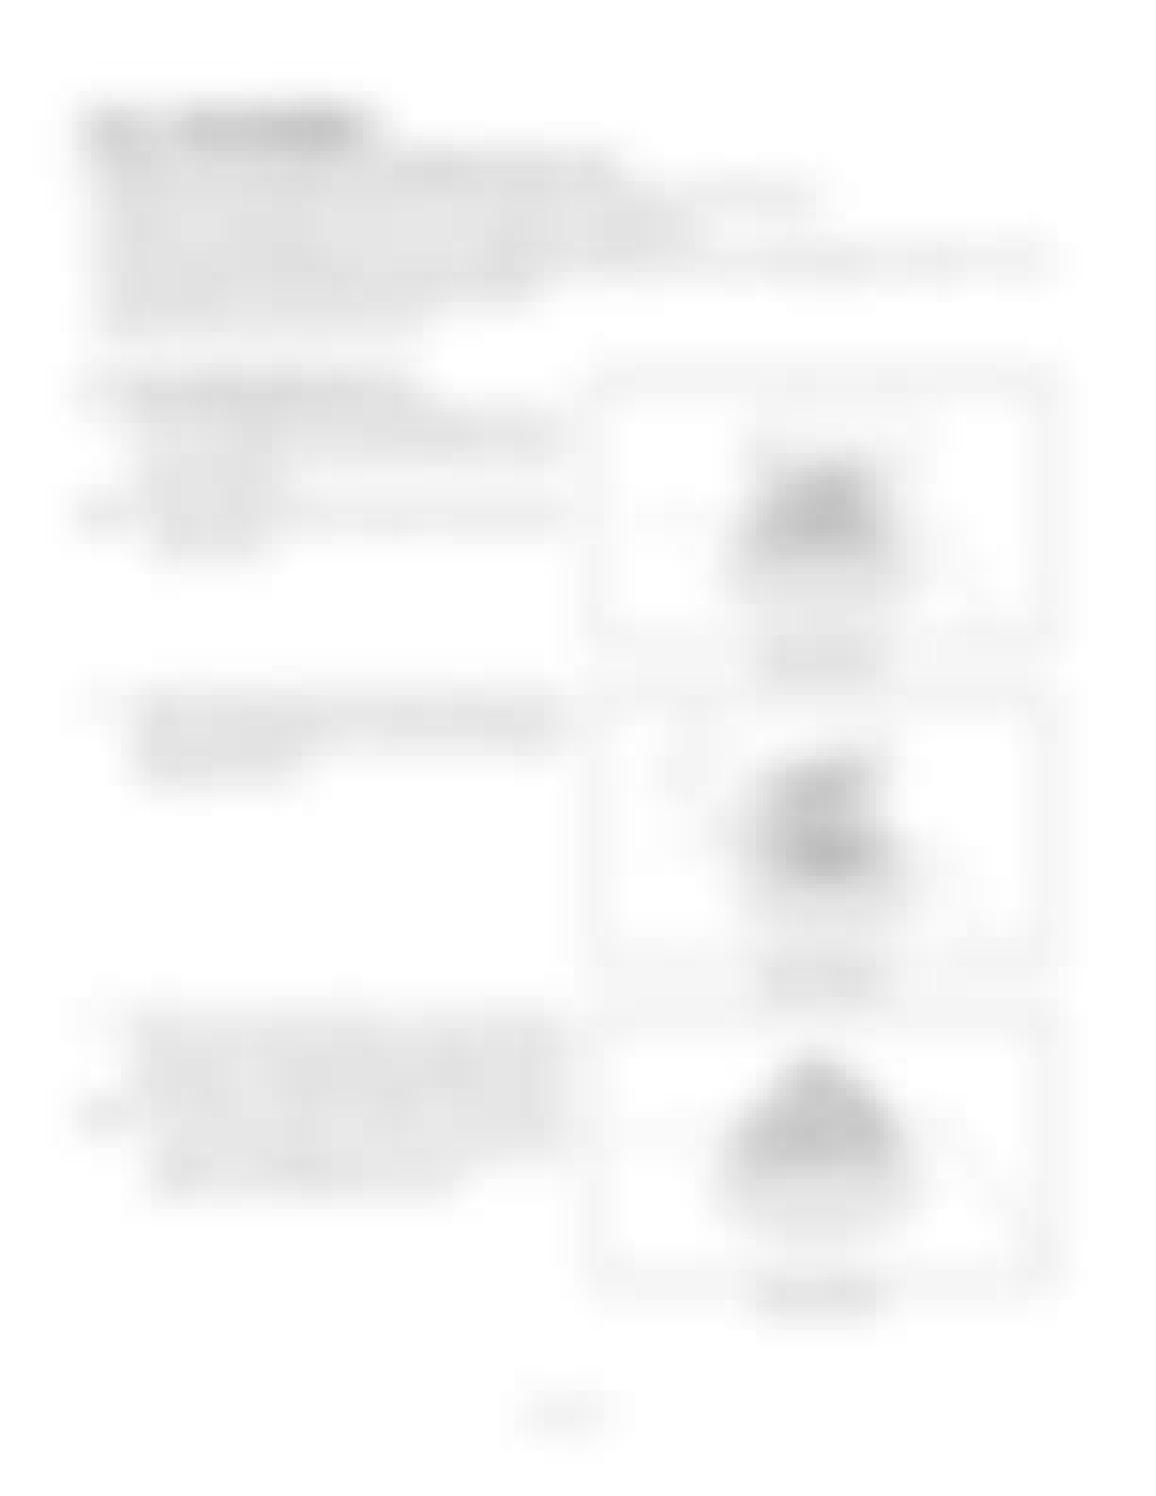 Hitachi LX110-7 LX130-7 LX160-7 LX190-7 LX230-7 Wheel Loader Workshop Manual - PDF DOWNLOAD page 166